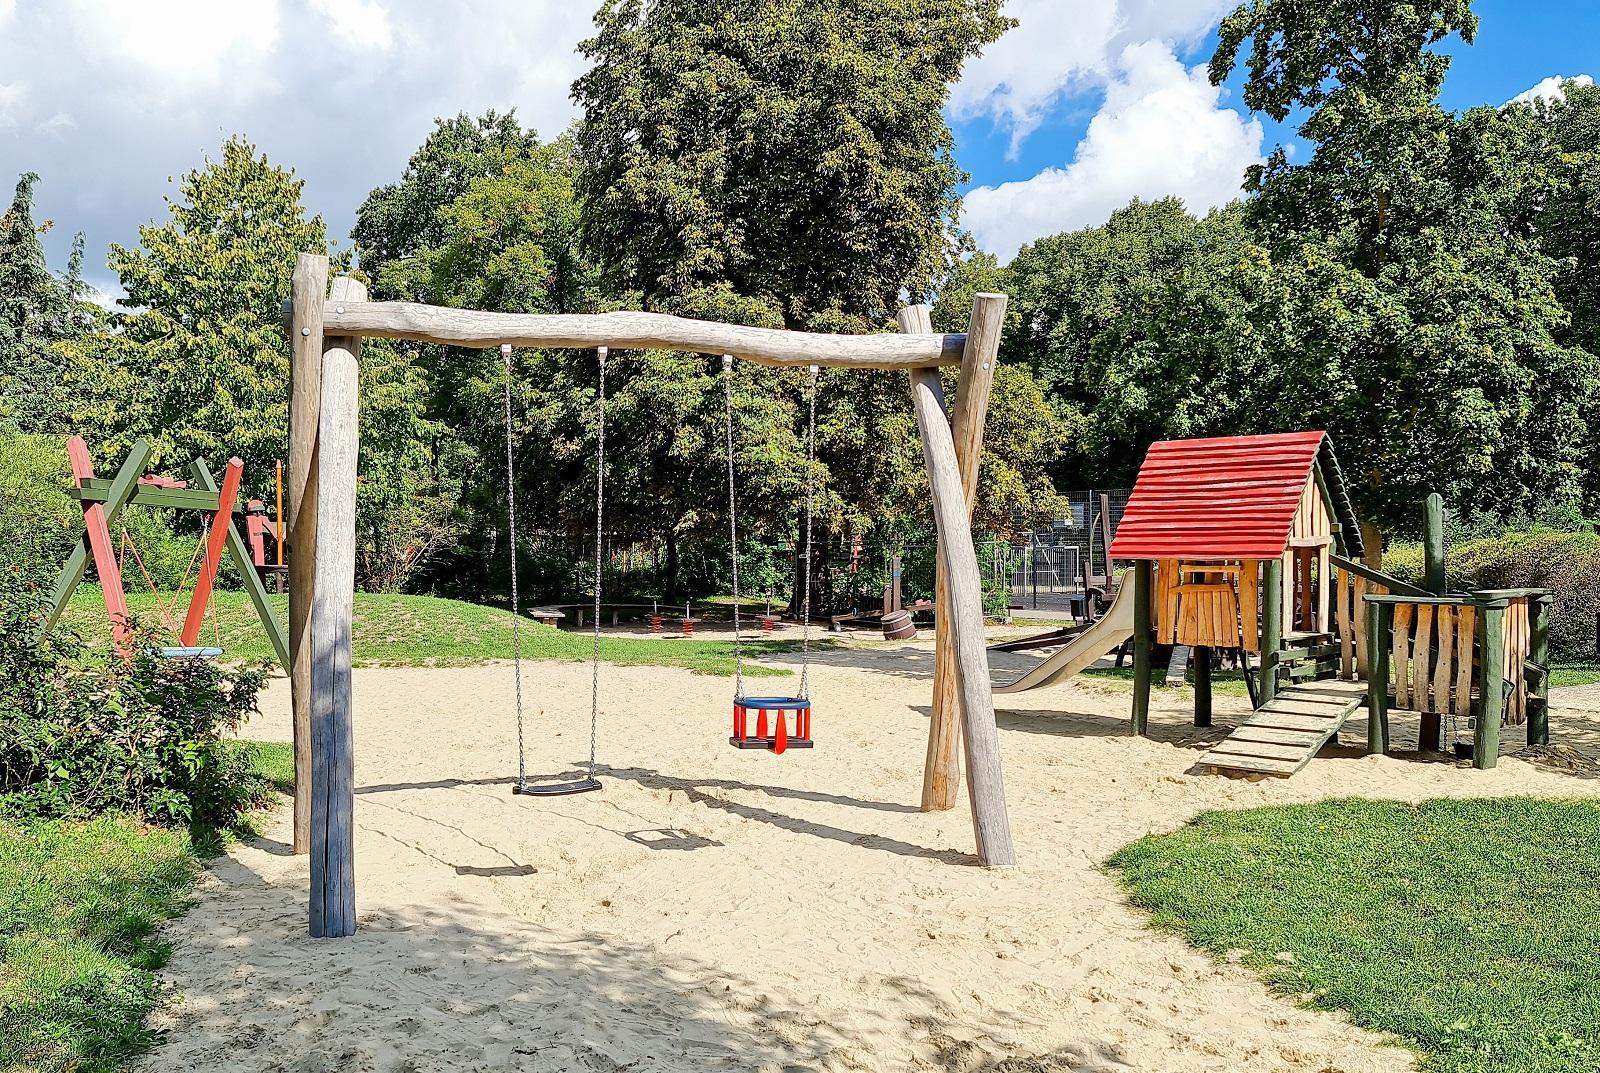 Spielpark Treuenbrietzen 2 (Foto: Stadtverwaltung Treuenbrietzen)